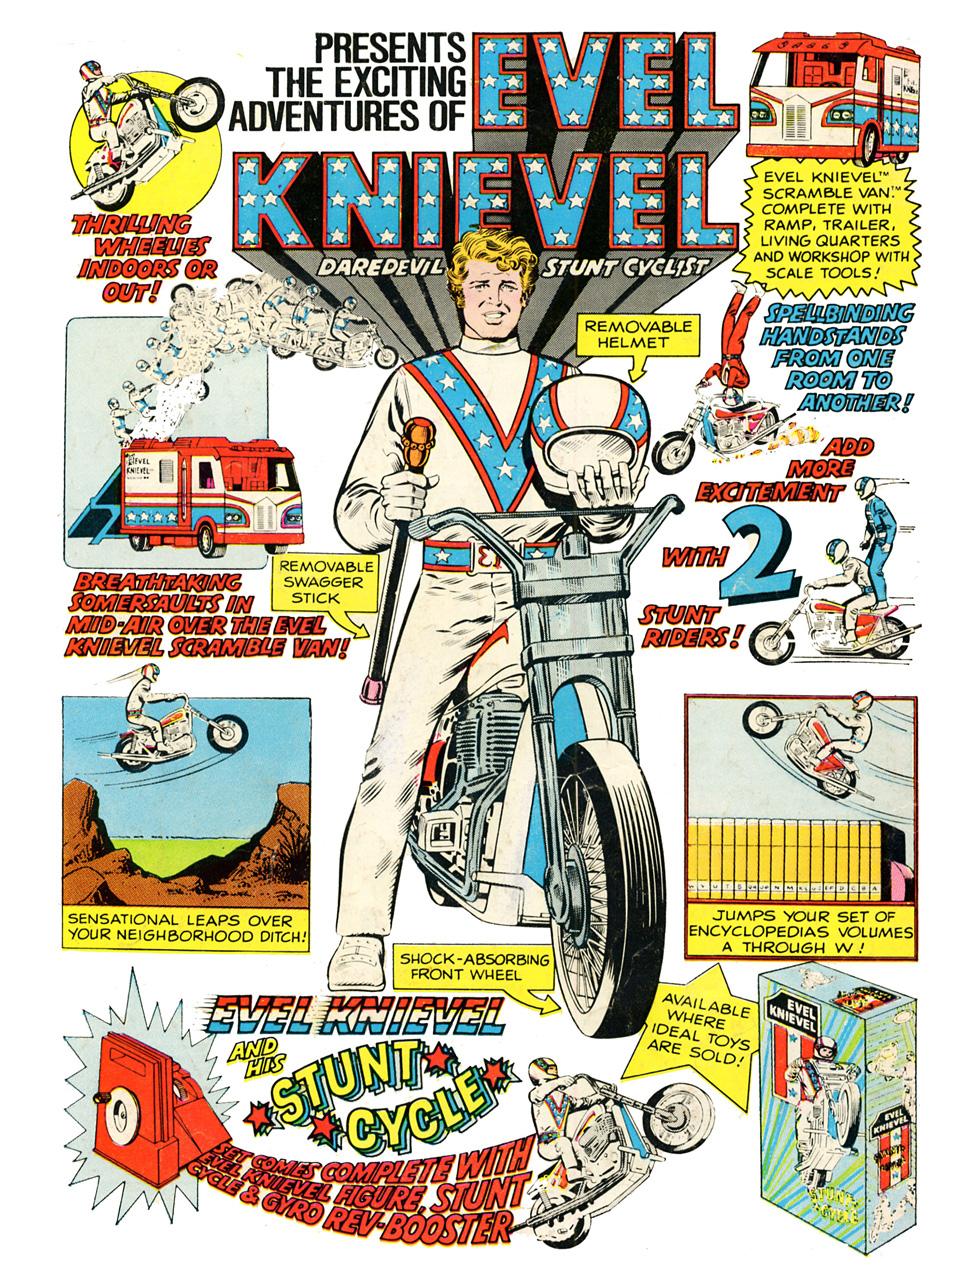 Stunt bike ad